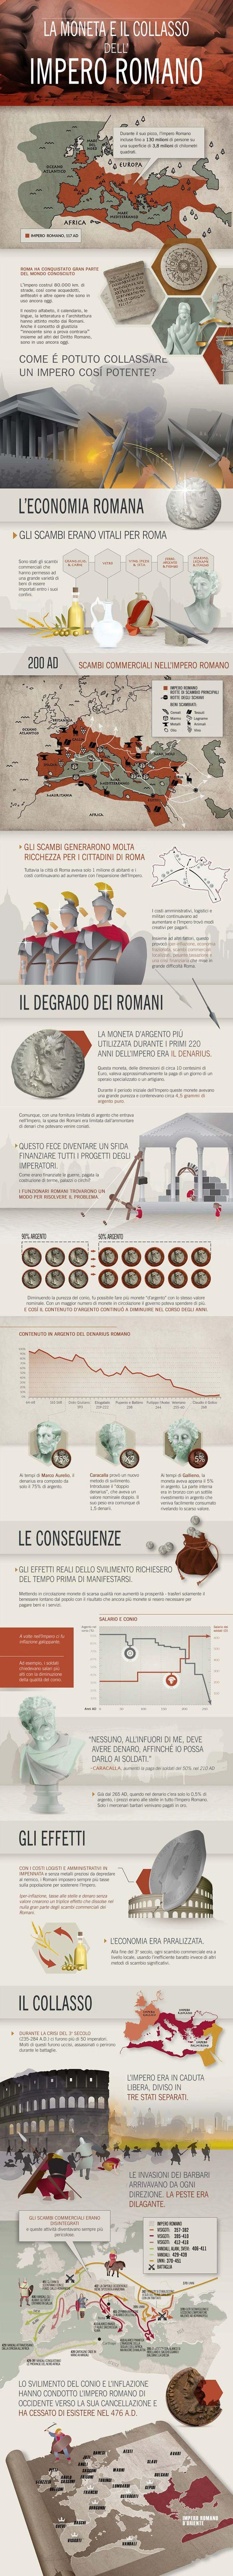 La Moneta e il Collasso dell'Impero Romano - Infografica - Disclosure News Italia